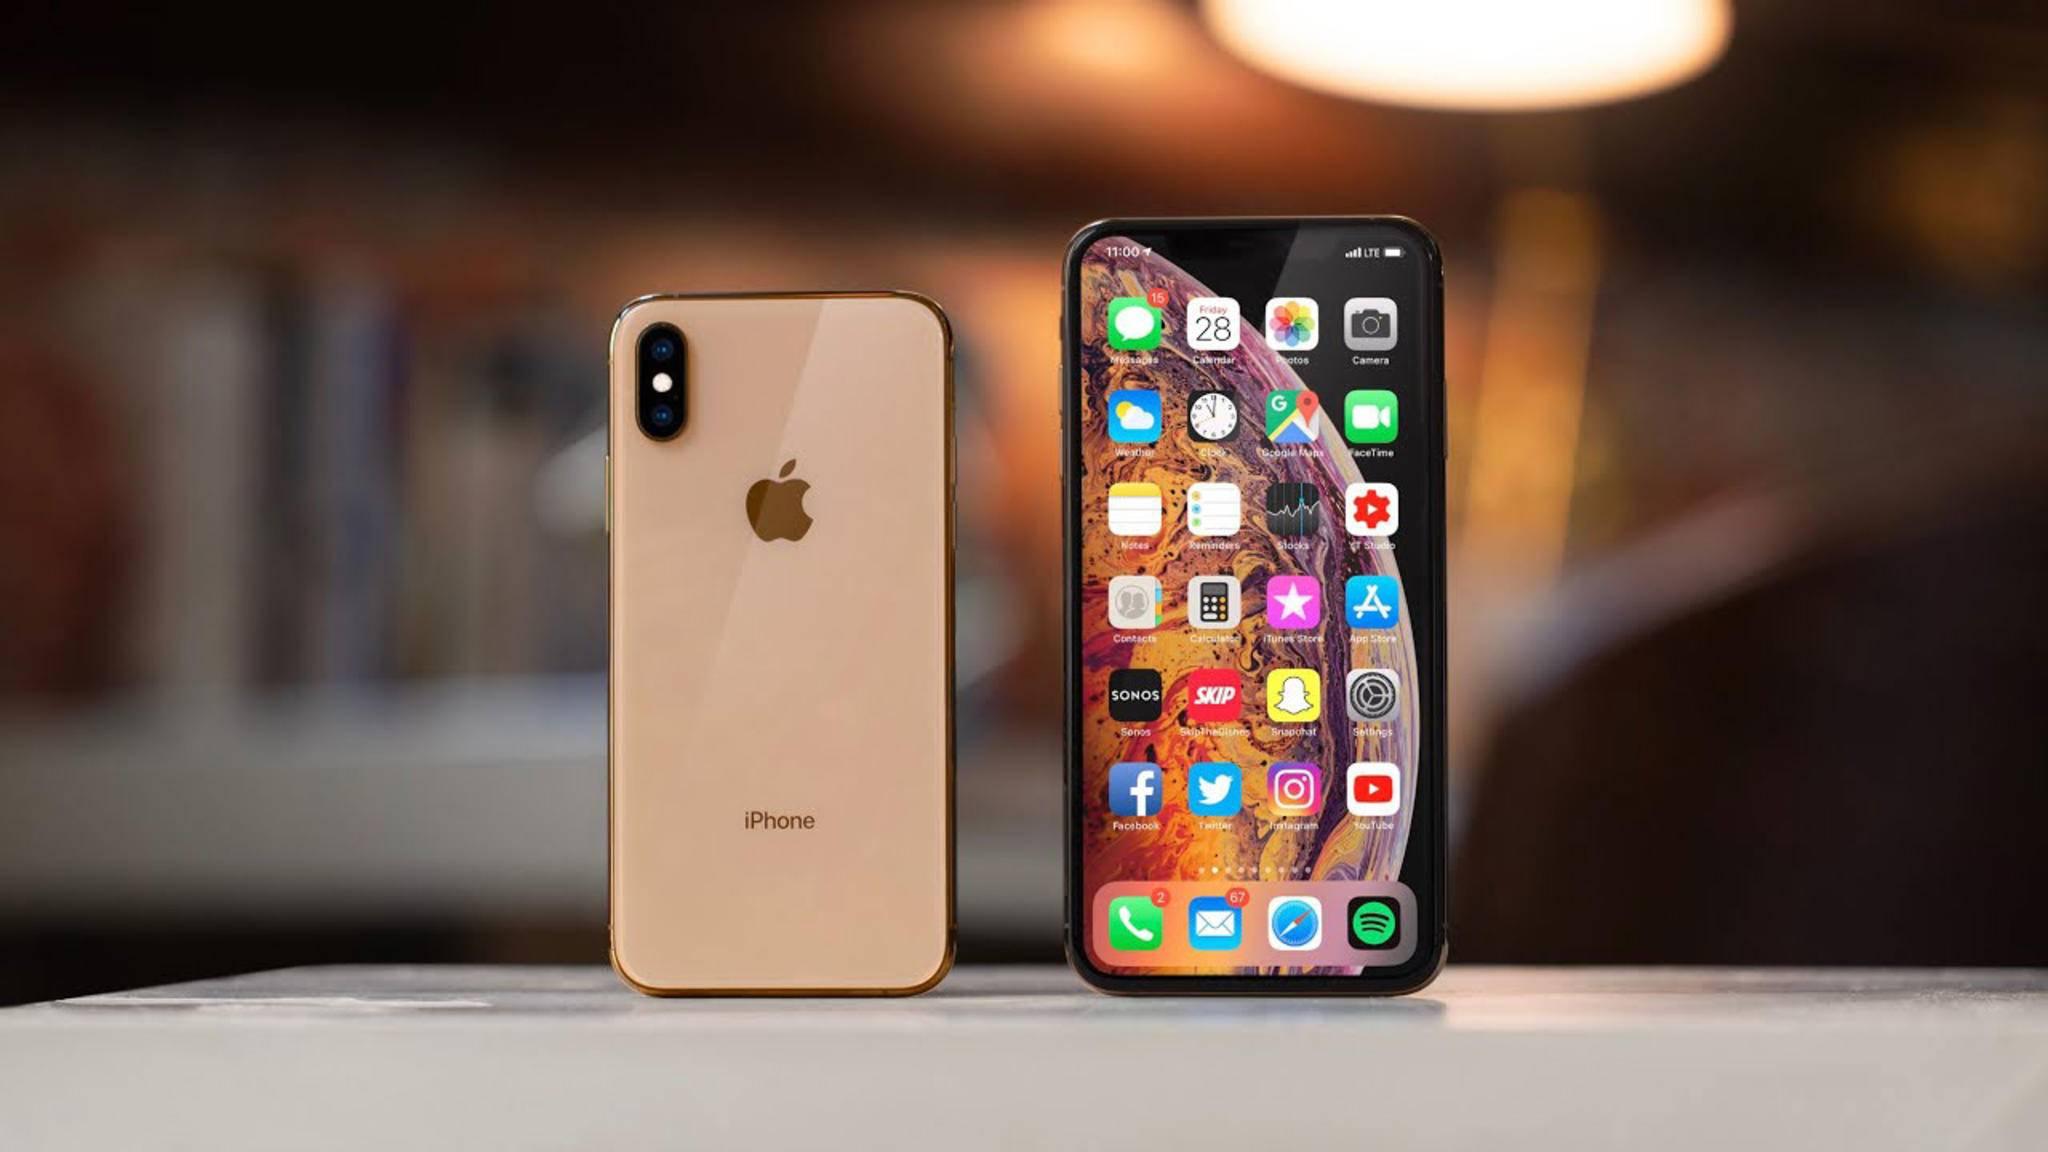 Käufer klagen derzeit über Ladeprobleme beim iPhone XS und iPhone XS Max.